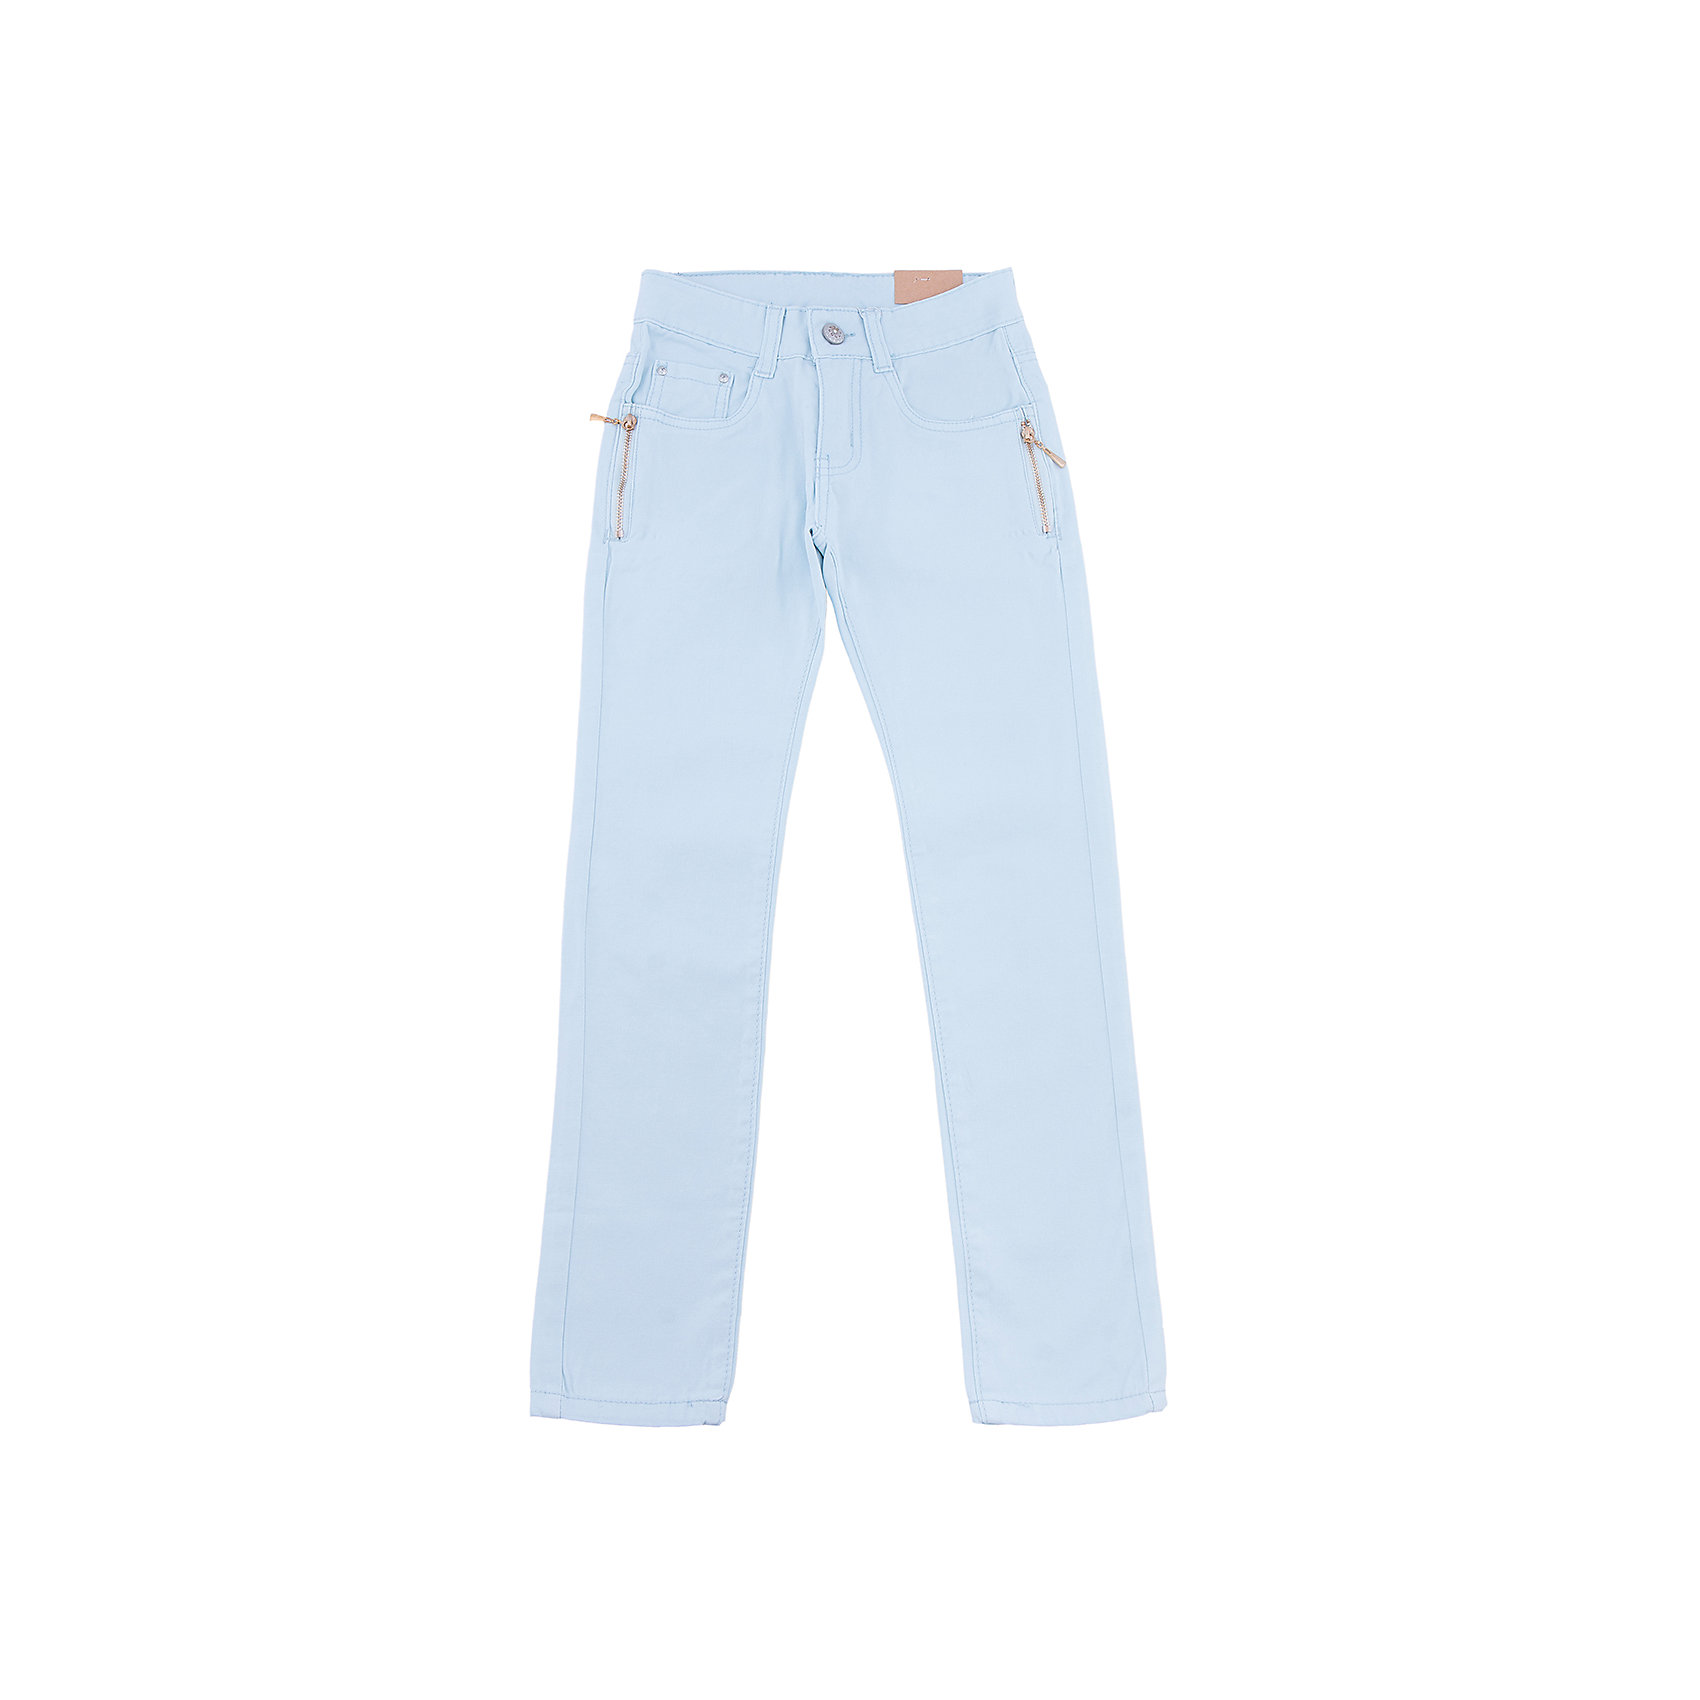 Брюки для девочки LuminosoБрюки<br>Стильные джинсовые брюки для девочки. Зауженный крой. Застегиваются на молнию и пуговицу. Шлевки на поясе рассчитаны под ремень. В боковой части пояса находятся вшитые эластичные ленты, регулирующие посадку по талии.<br>Состав:<br>98%хлопок 2%эластан<br><br>Ширина мм: 215<br>Глубина мм: 88<br>Высота мм: 191<br>Вес г: 336<br>Цвет: голубой<br>Возраст от месяцев: 96<br>Возраст до месяцев: 108<br>Пол: Женский<br>Возраст: Детский<br>Размер: 134,146,152,158,164,140<br>SKU: 5413319